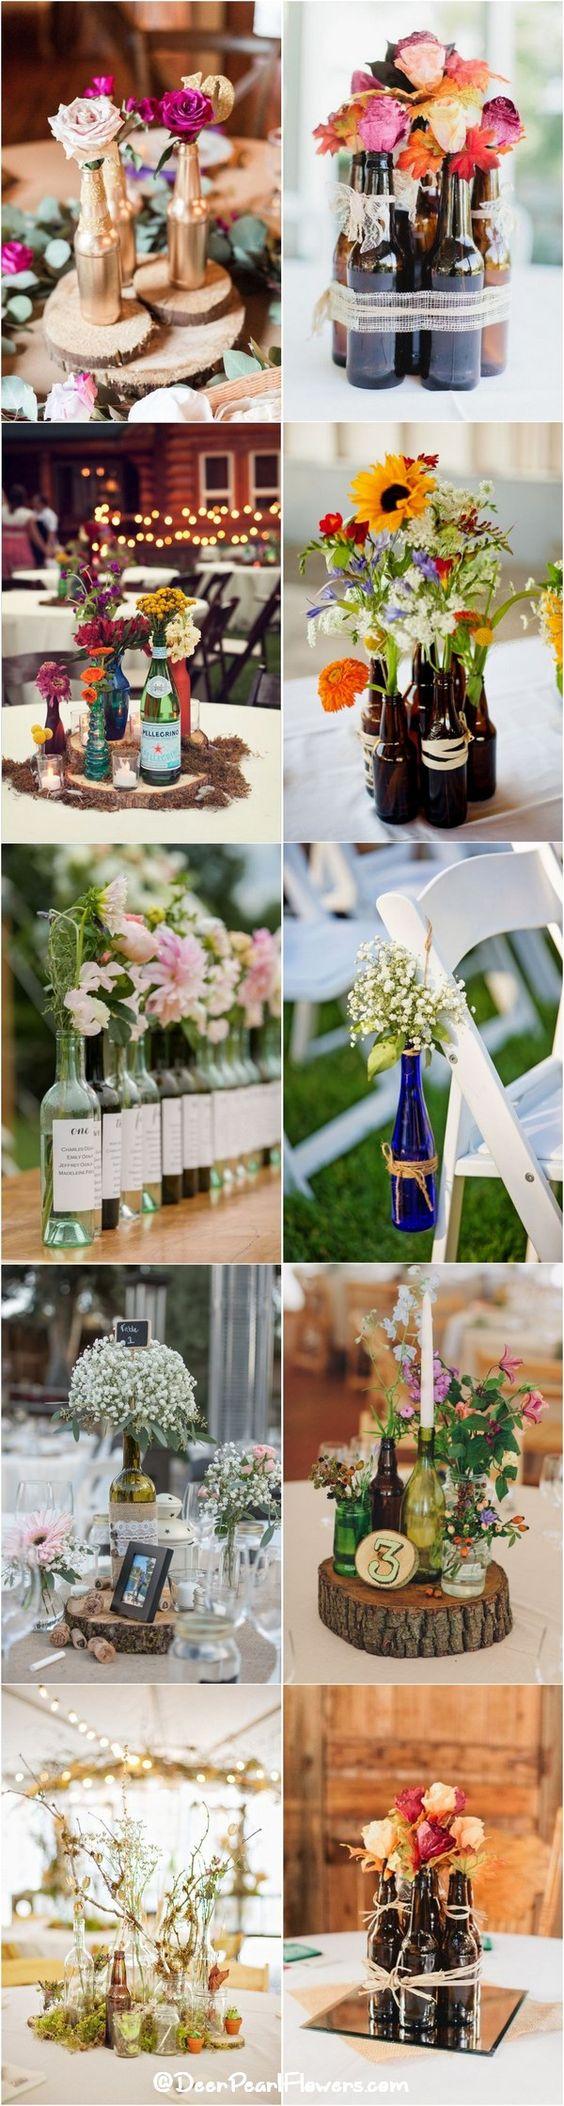 下面,你应该完全为你的葡萄园婚礼窃取20瓶酒装饰的想法。如果你想要参加DIY项目,拿起一些喷漆罐,并活着空酒瓶。如果你正在混音...